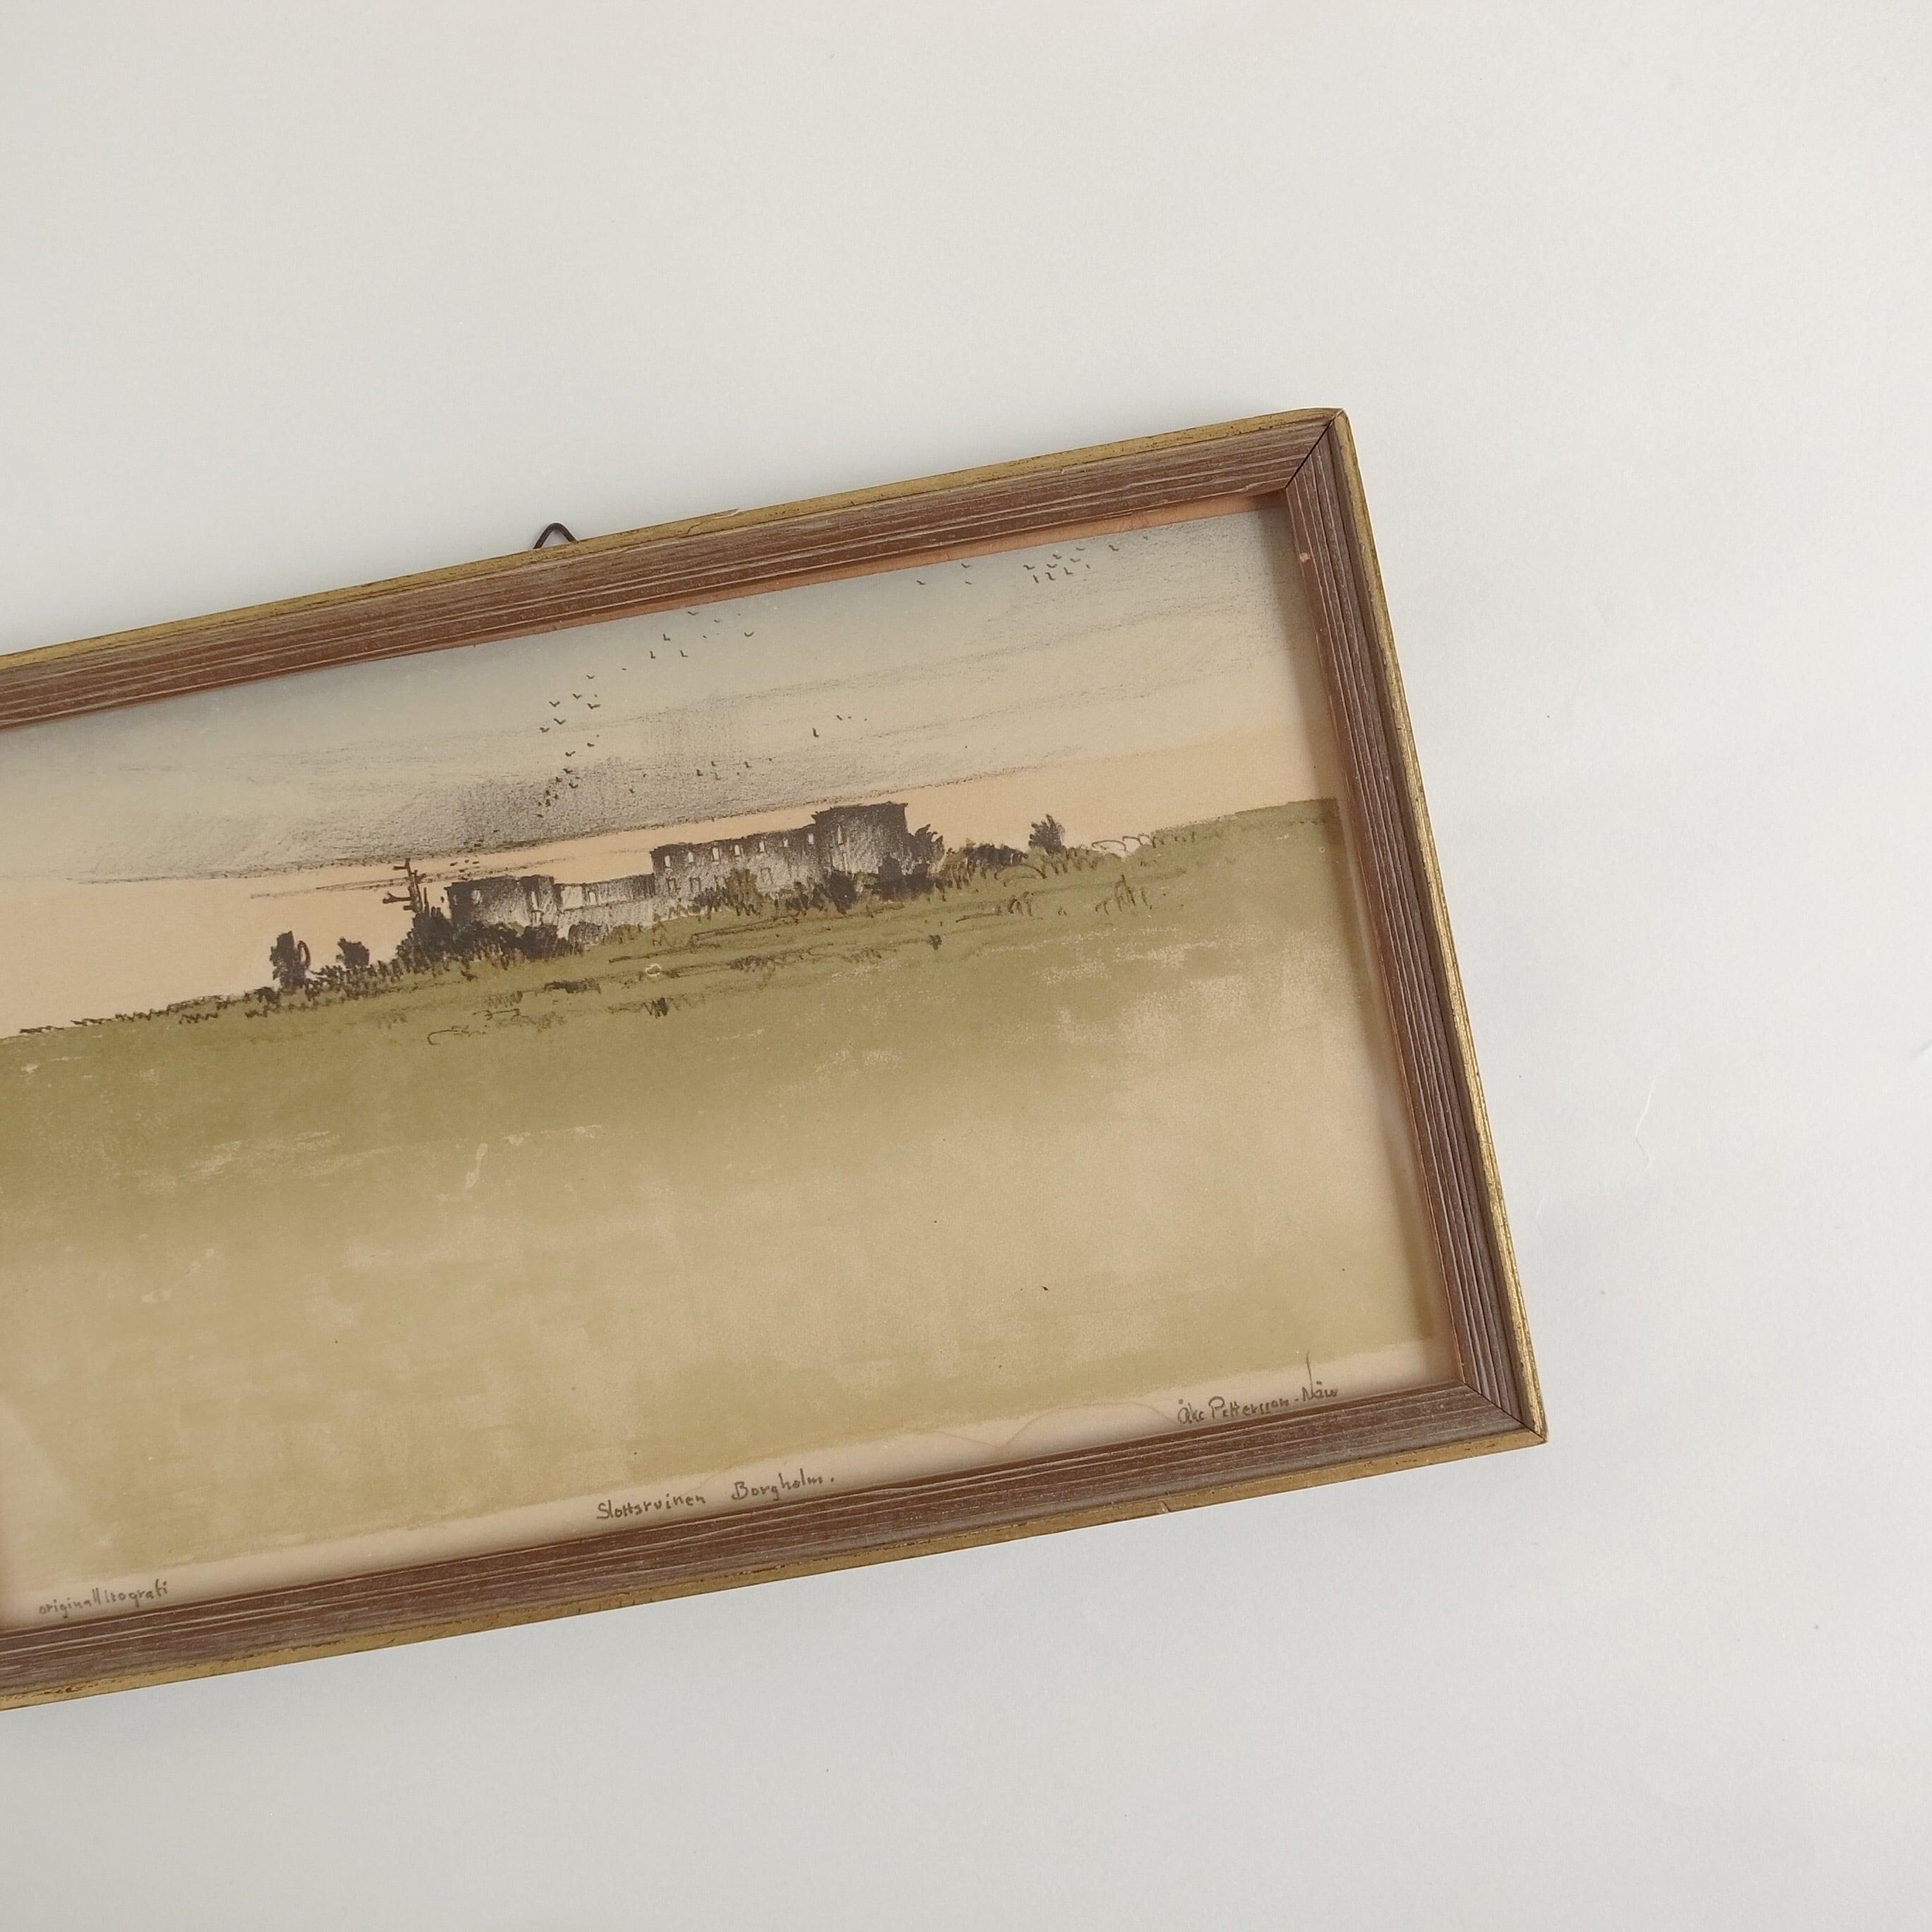 ボリホルム城跡 リトグラフ 絵画